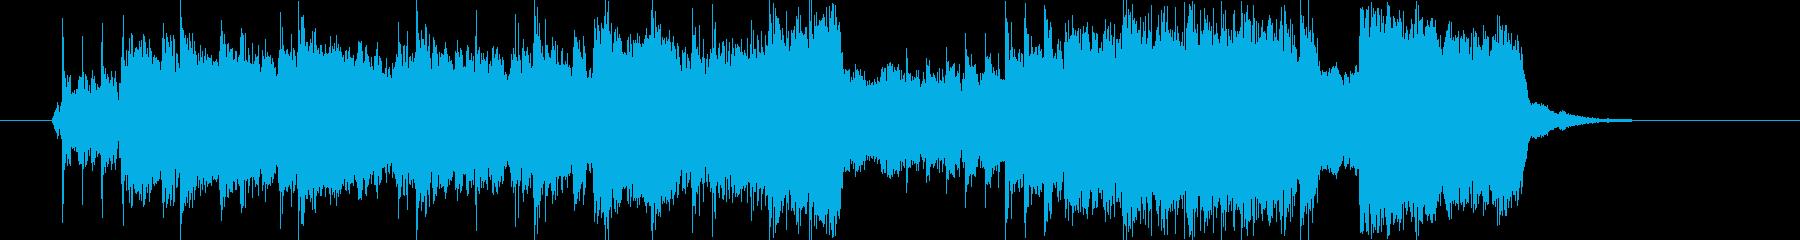 ギターソロがロックンロールなジングルの再生済みの波形